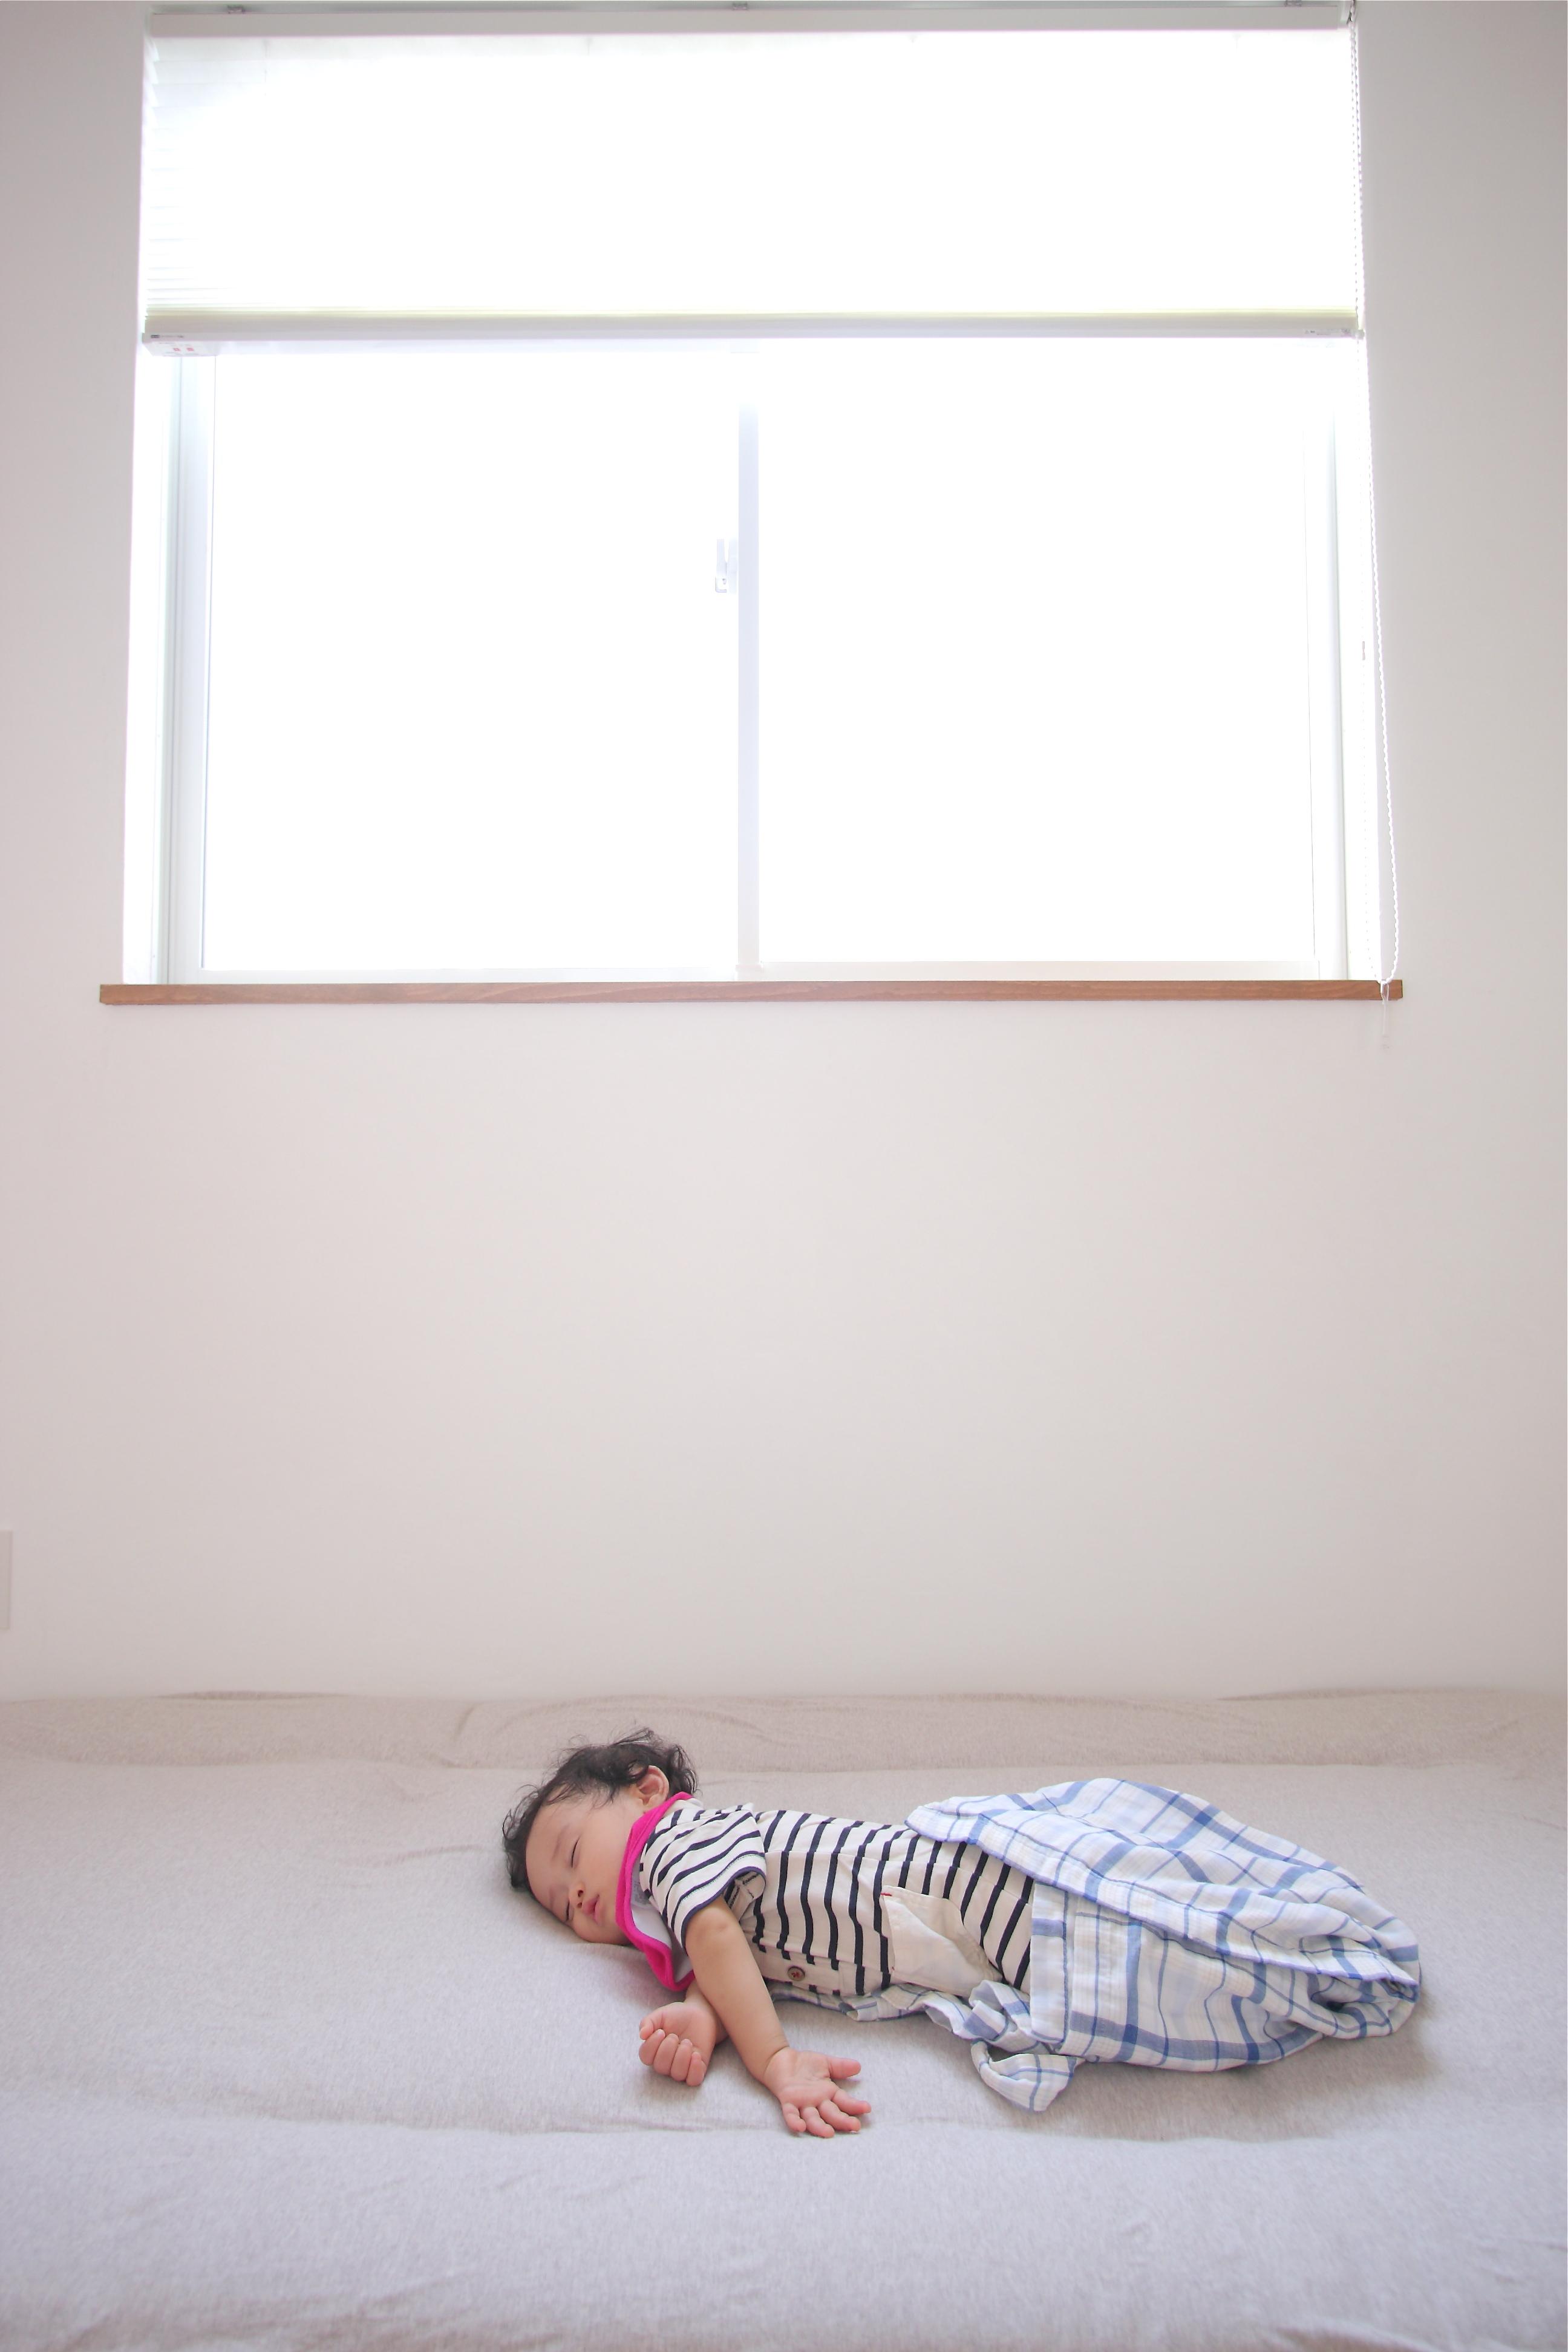 赤ちゃん写真 コンテスト 2